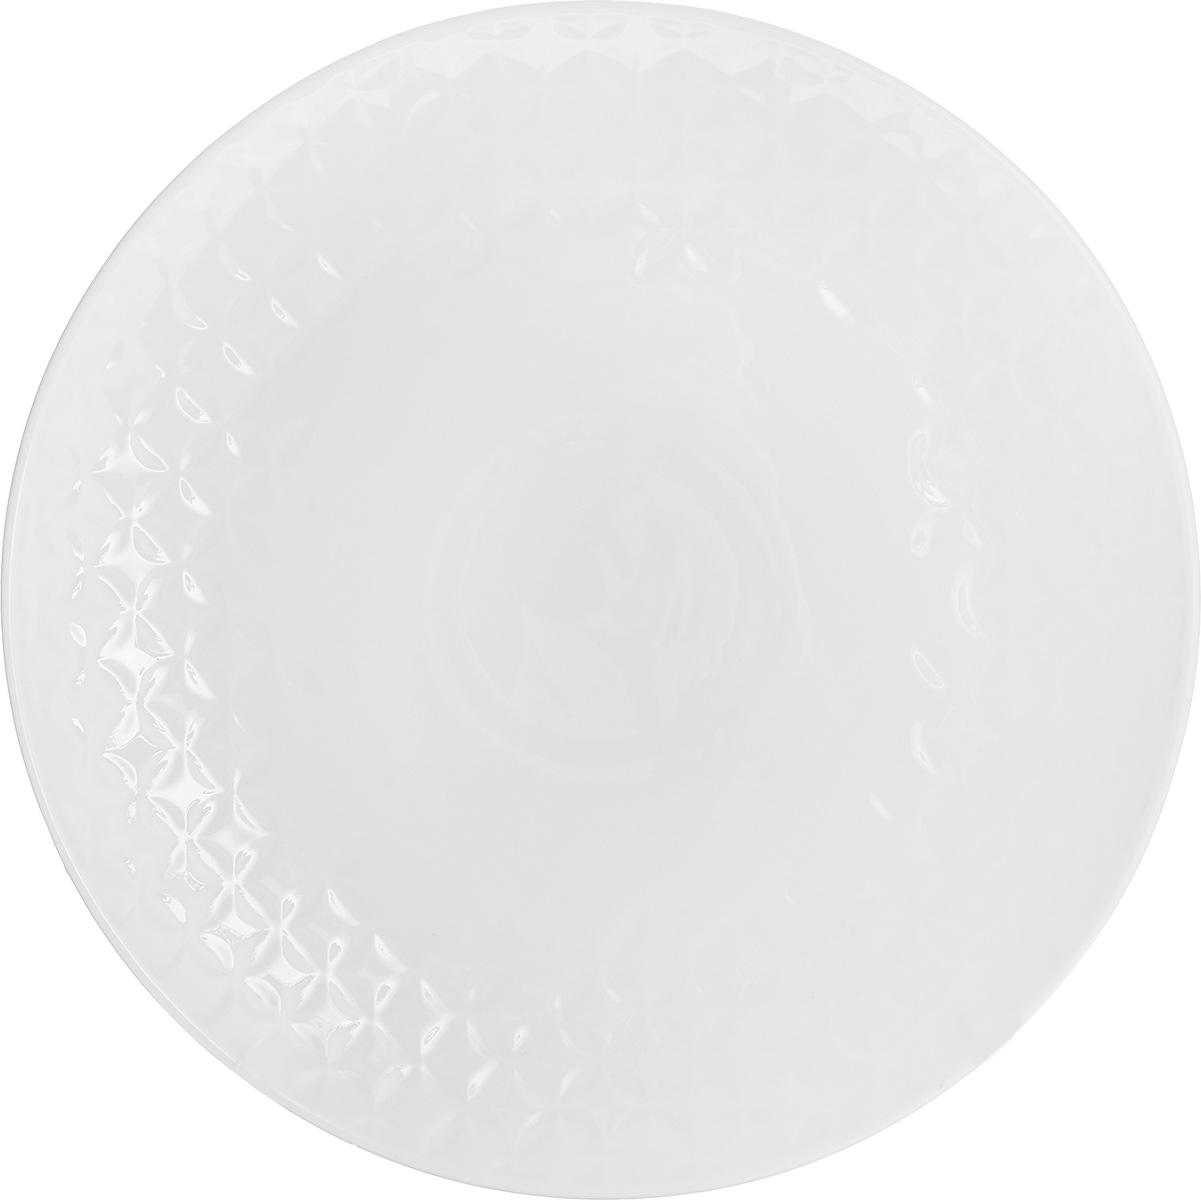 Тарелка обеденная Walmer Quincy, диаметр 26 смW07530026Обеденная тарелка Walmer Quincy изготовлена из высококачественного фарфора и декорирована изысканным рельефом. Такая тарелка стильно дополнит сервировку стола и станет полезным приобретением для вашей кухни. Можно мыть в посудомоечной машине и использовать в СВЧ.